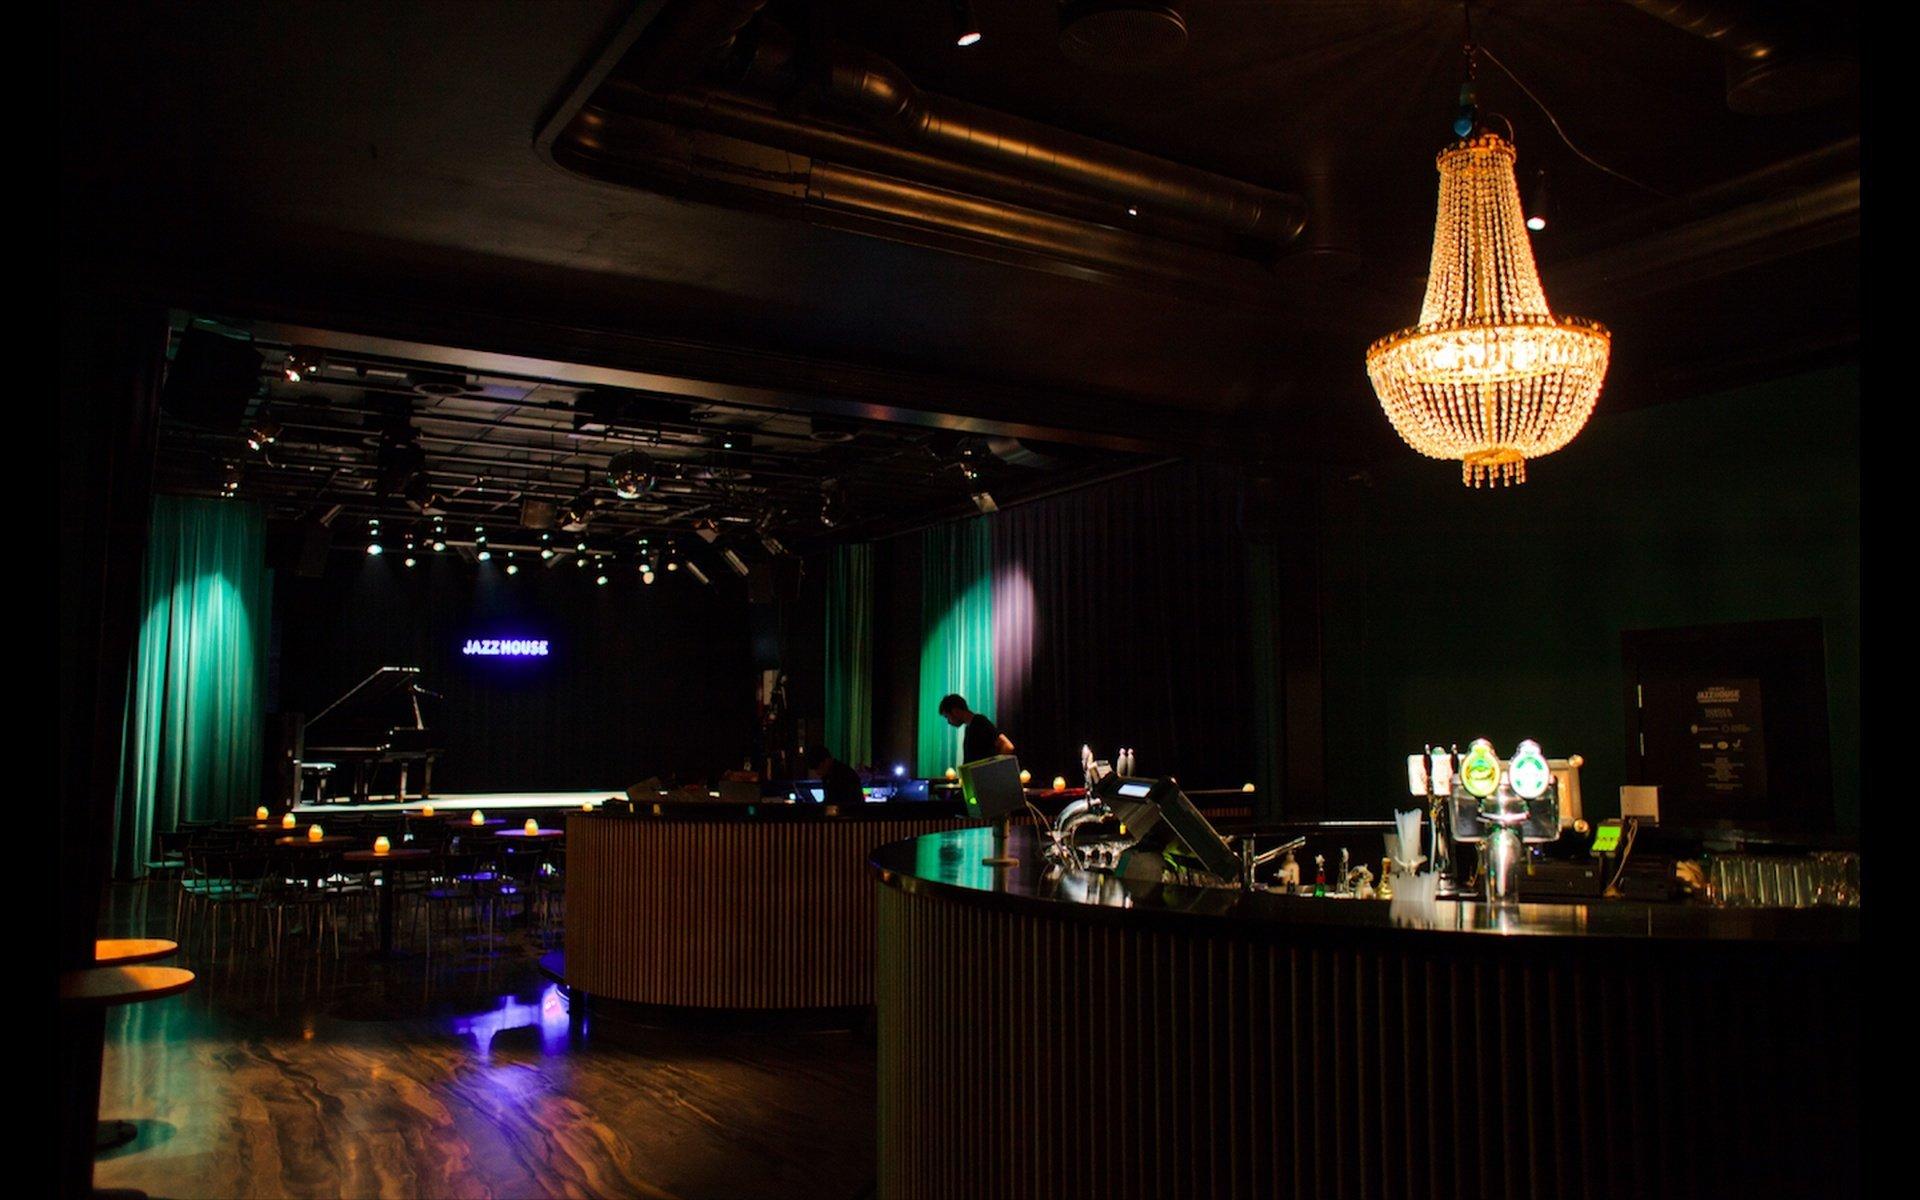 Kopenhagen corporate event venues Bar Jazzhouse image 0